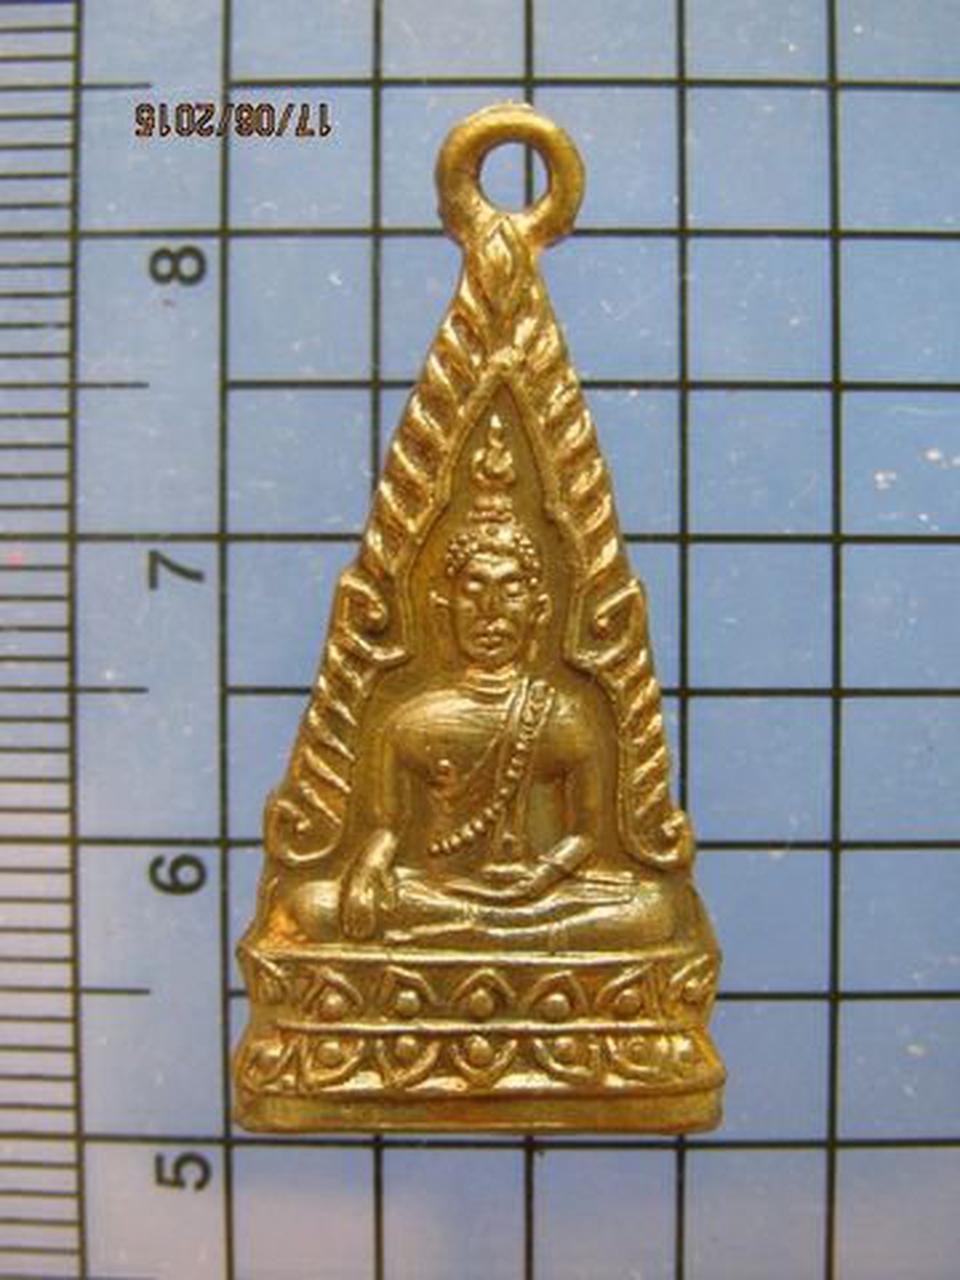 2184 เหรียญพระพุทธโกศัย หลัง หลวงพ่อสิทธิ์ จ.แพร่  รูปที่ 2